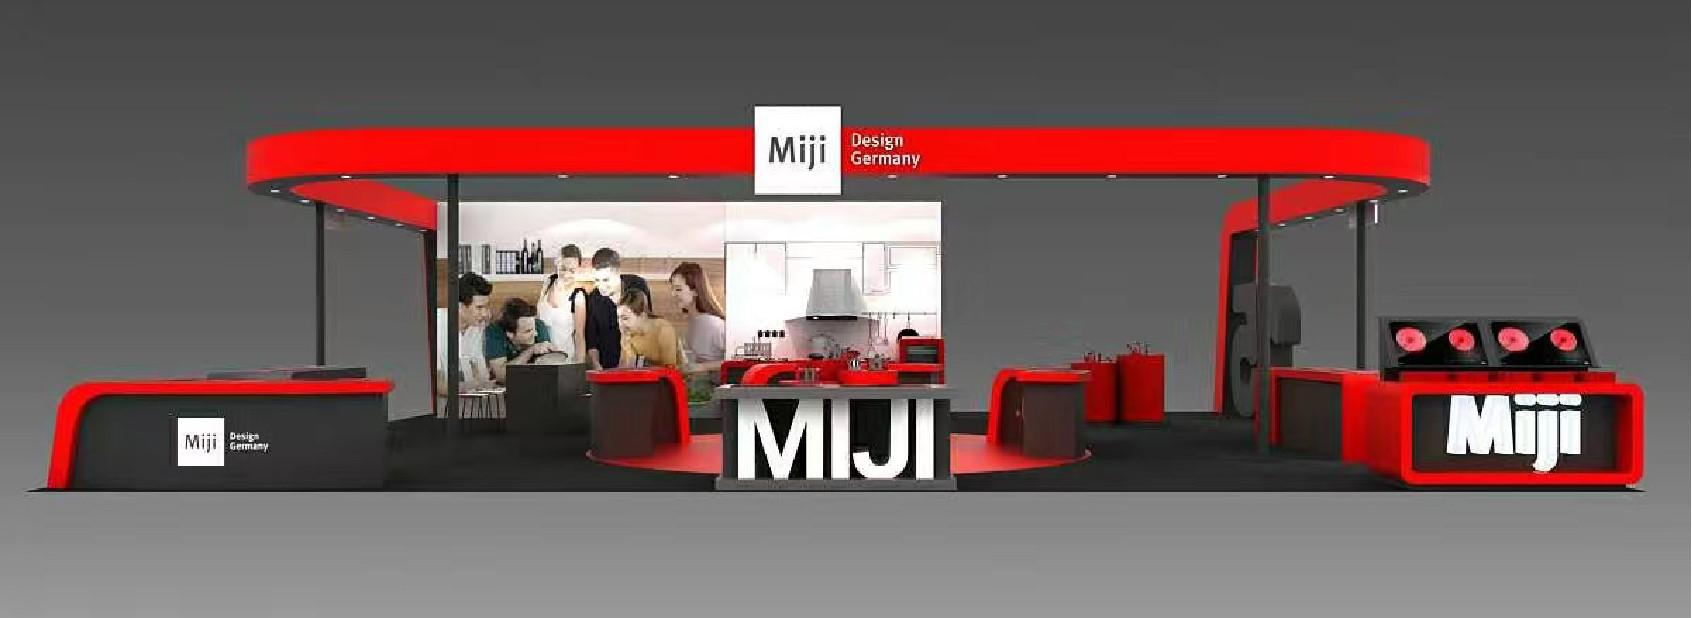 米技展台设计搭建方案的效果图